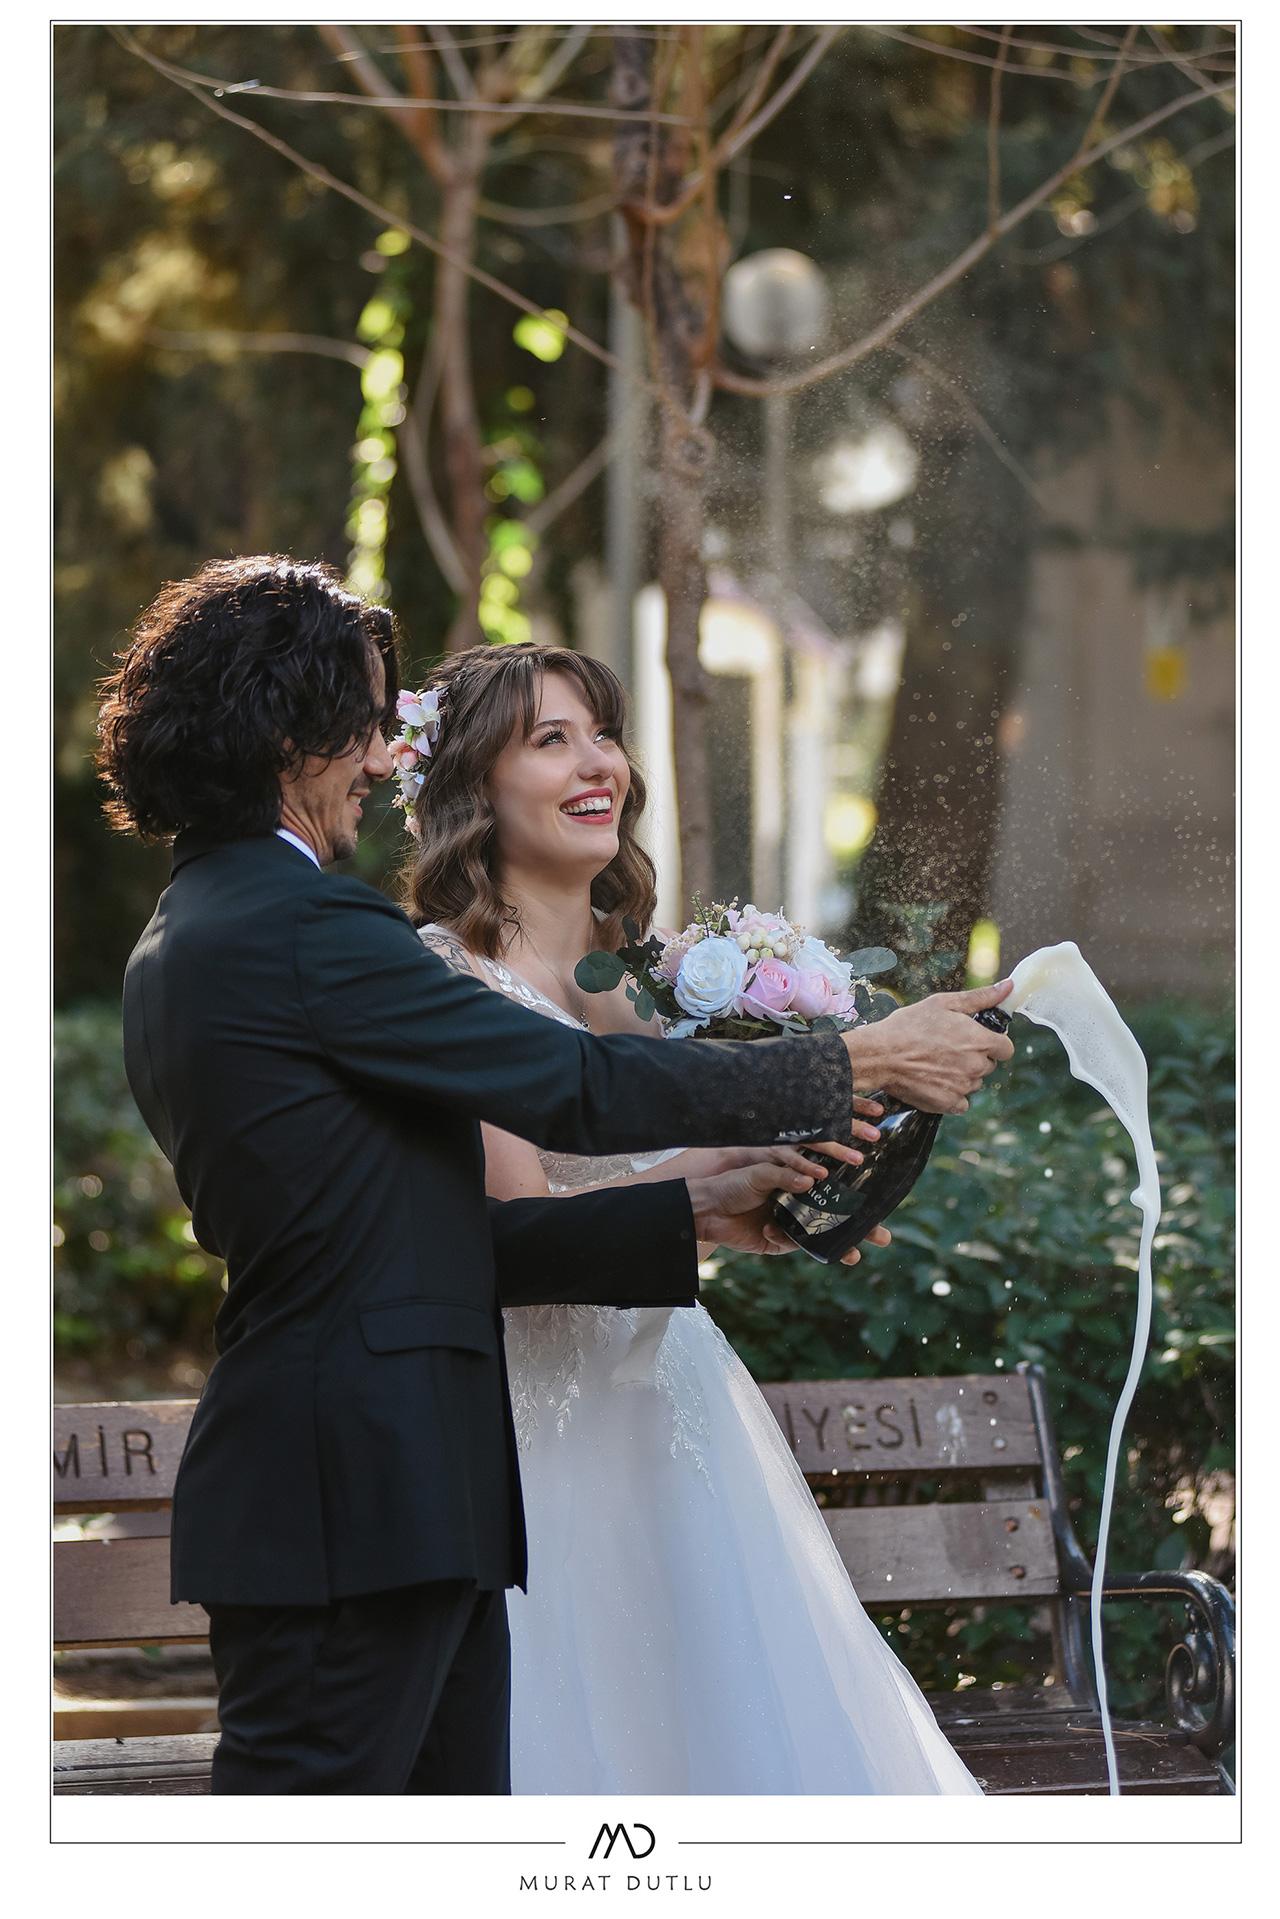 Fuar evlendirme dairesi düğün fotoğrafları